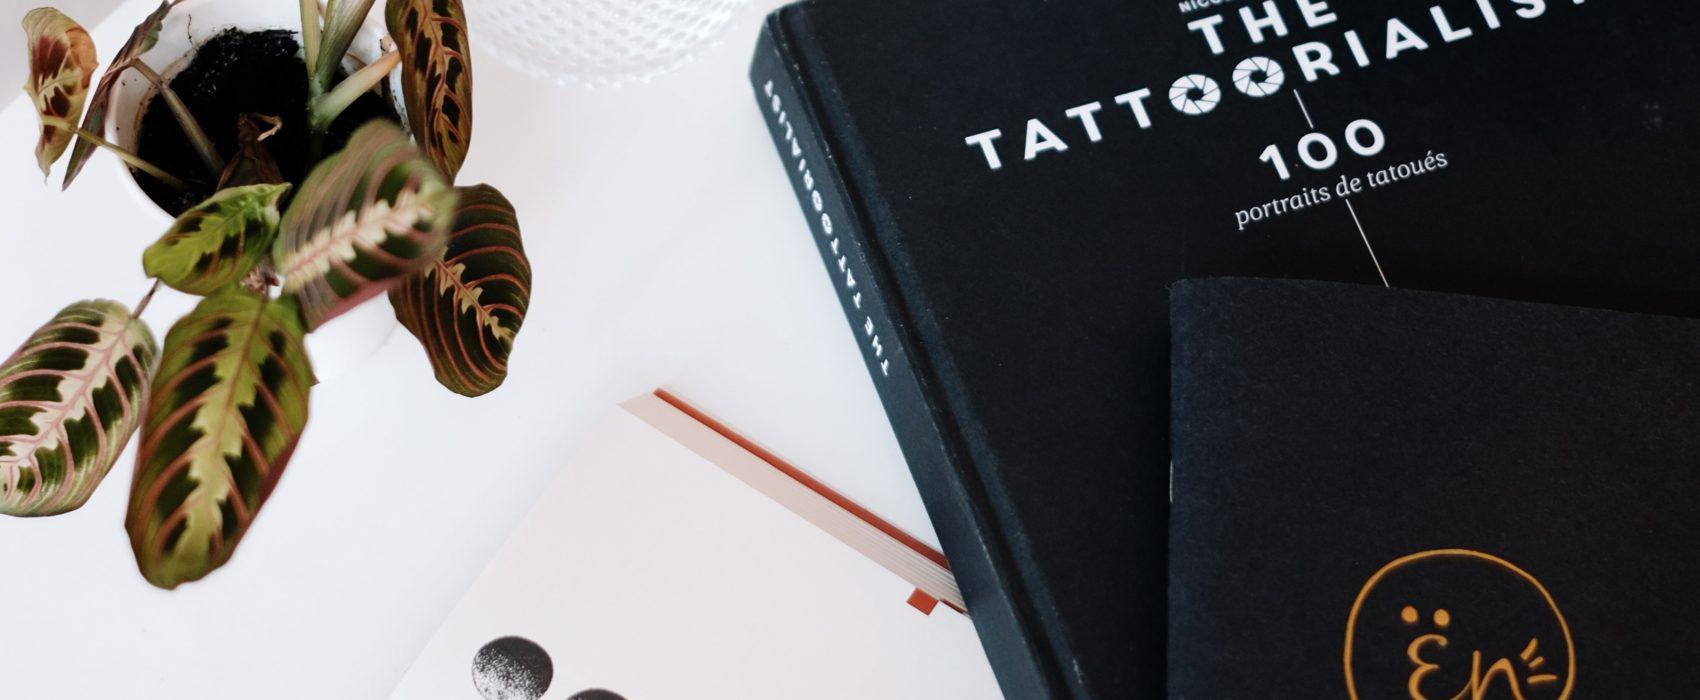 Tattoo Studio Because   Bruxelles